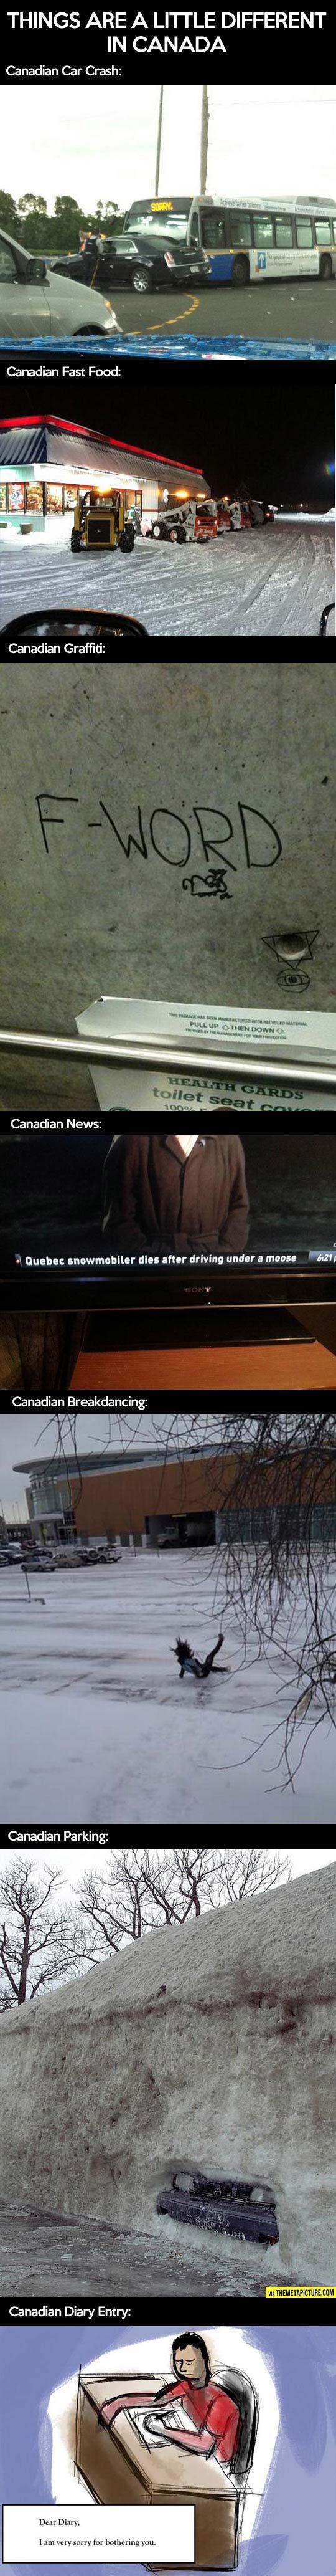 Funny-Canada-different-car-crash